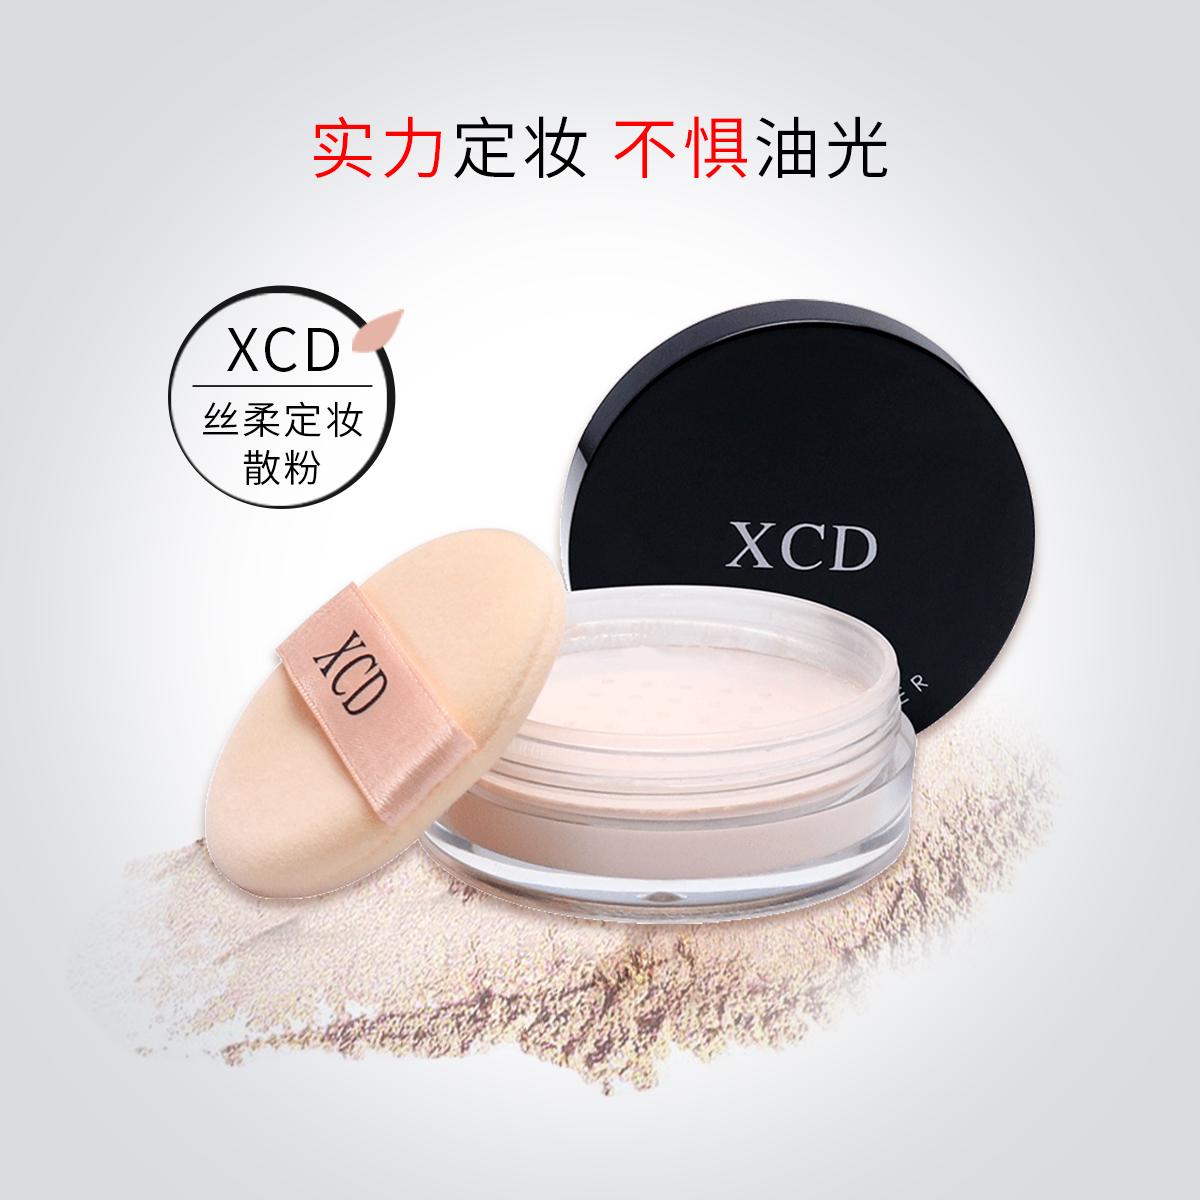 XCD空气哑光蜜粉刷散粉定妆粉饼持久控油防水防汗遮瑕不浮不卡粉